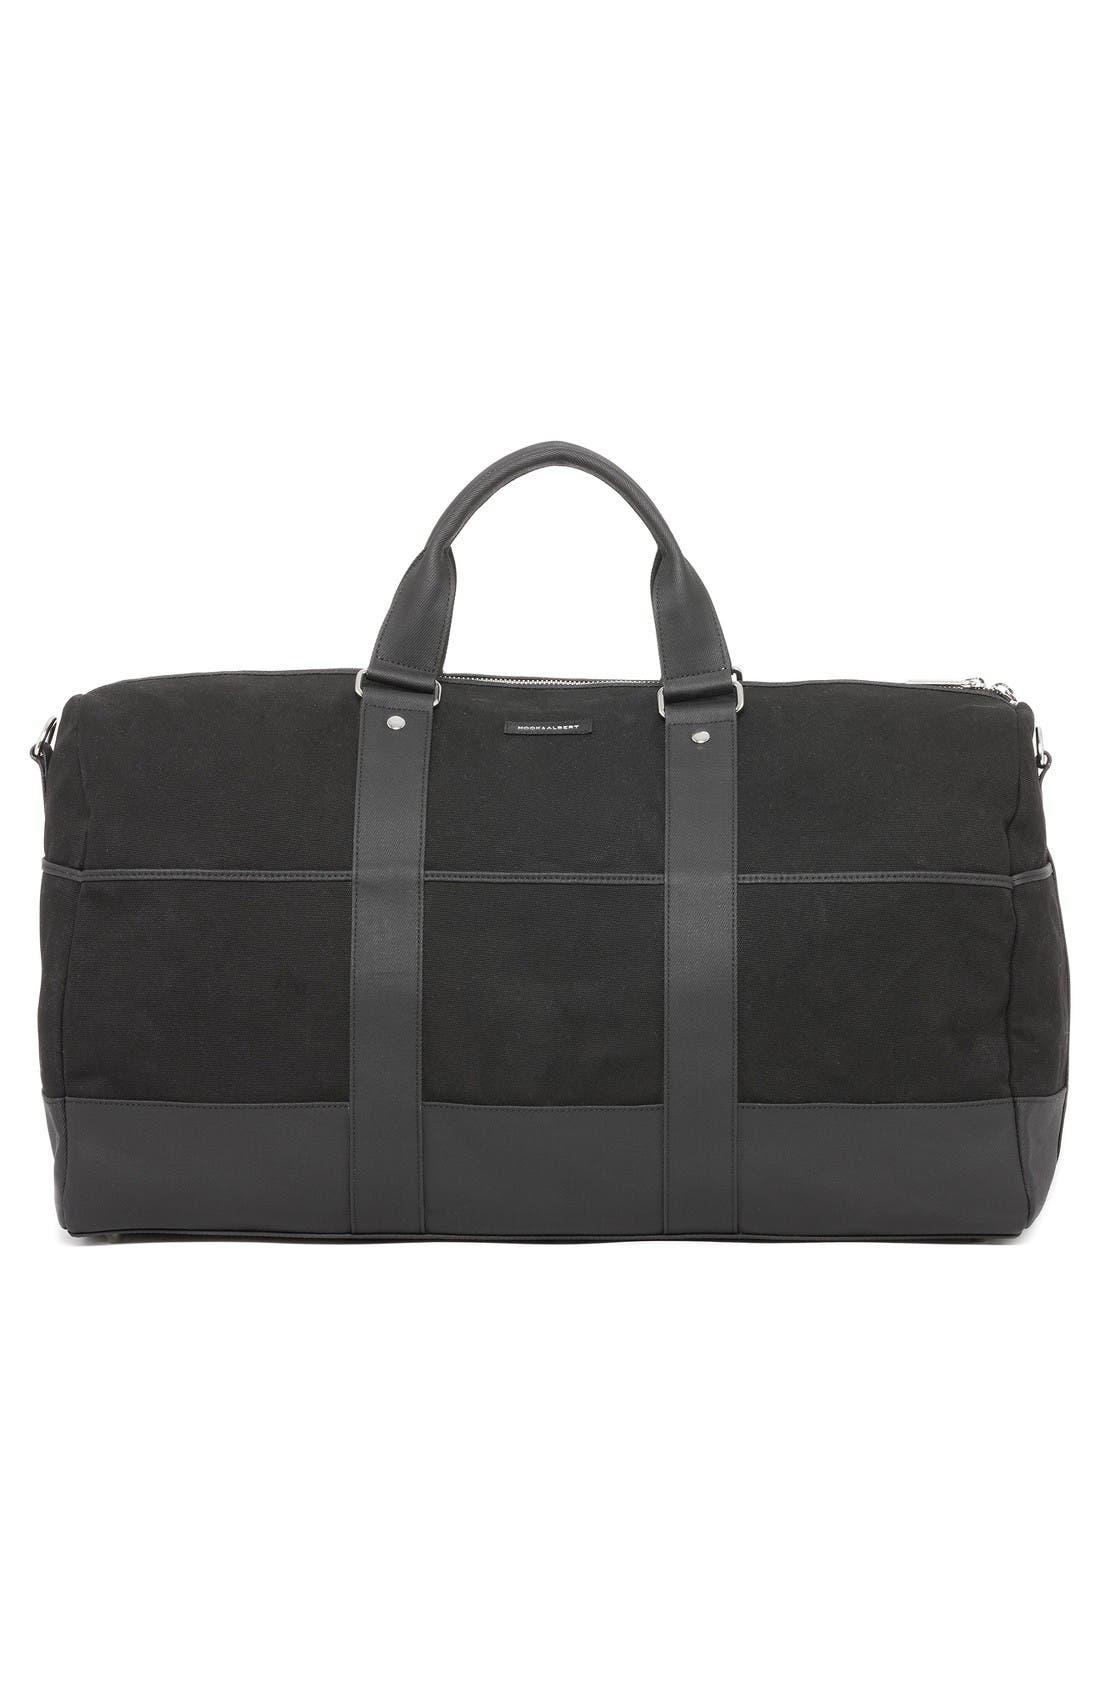 Main Image - hook + ALBERT Gym Duffel Bag